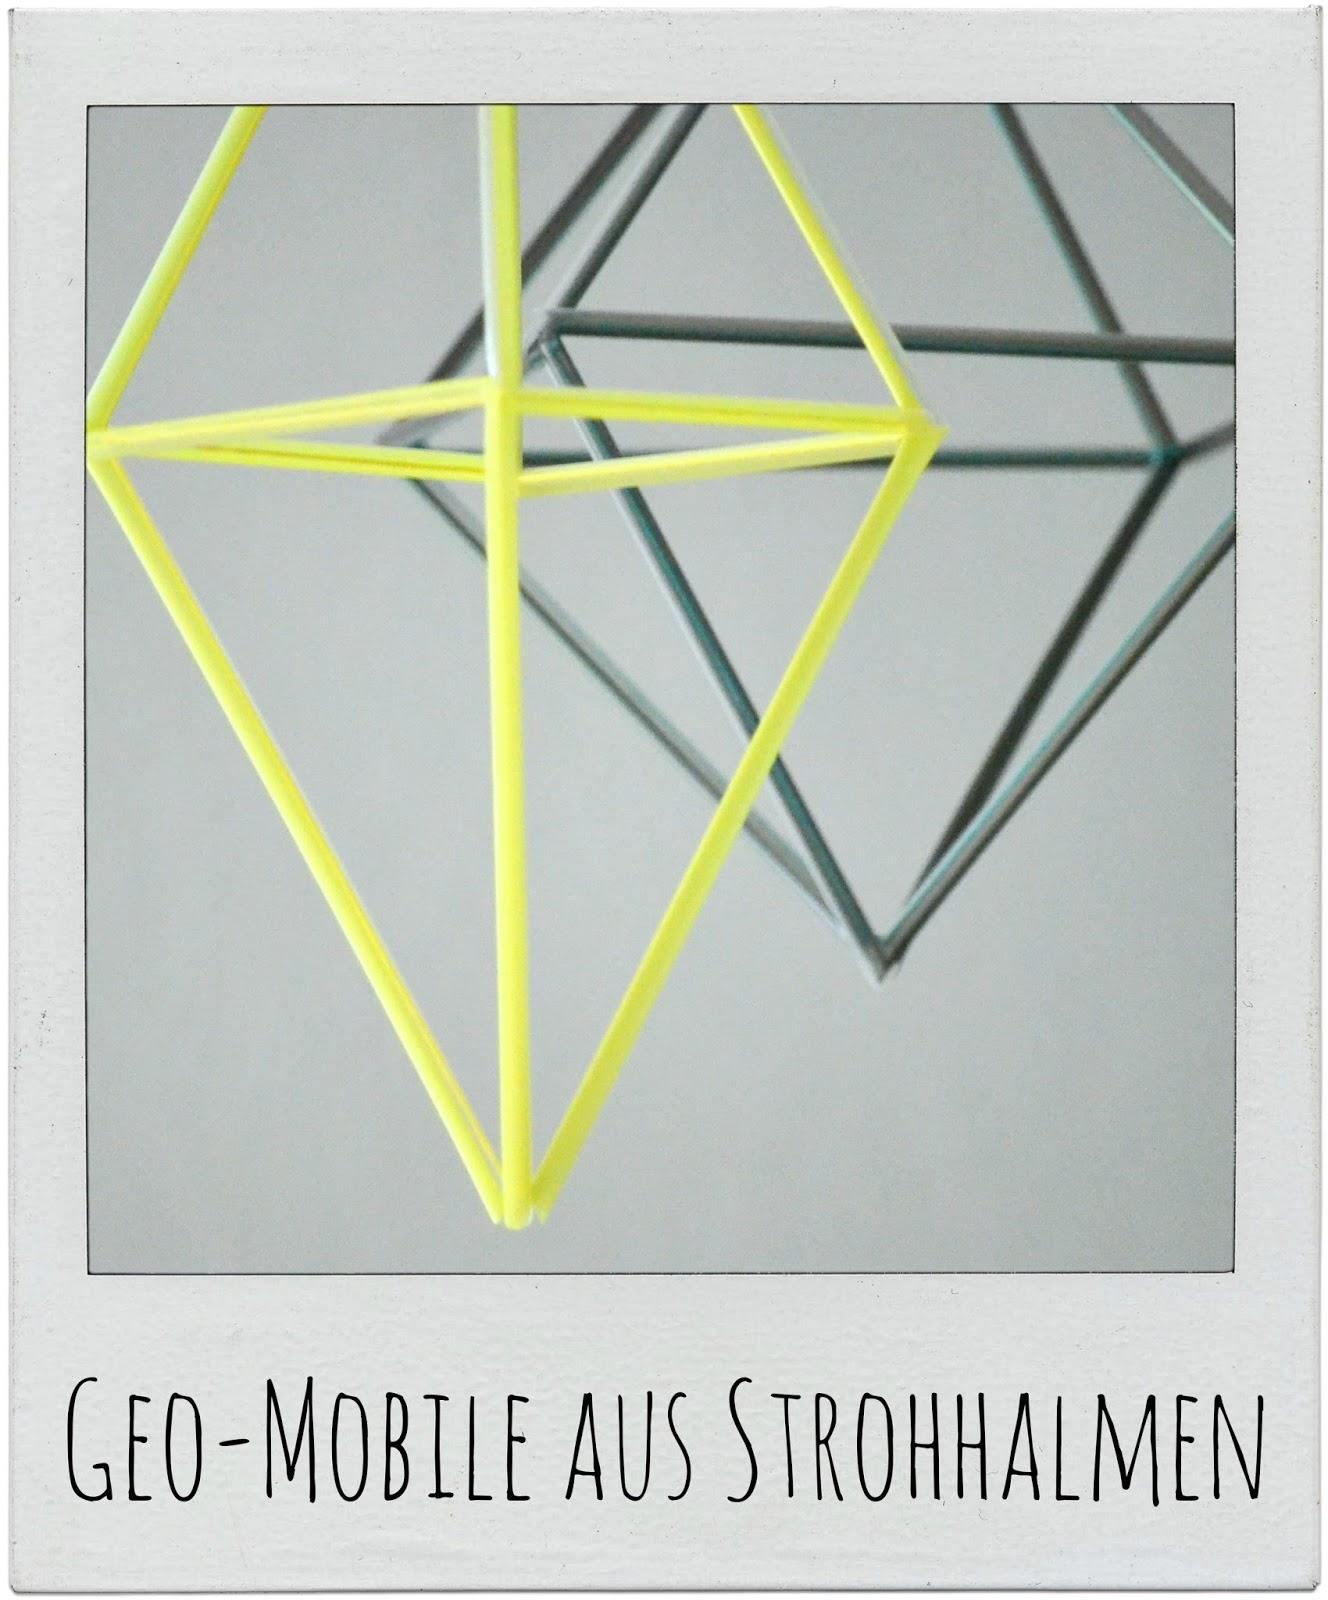 http://gemachtesundgedachtes.blogspot.de/2013/08/diy-ein-mobile-aus-strohhalmen.html